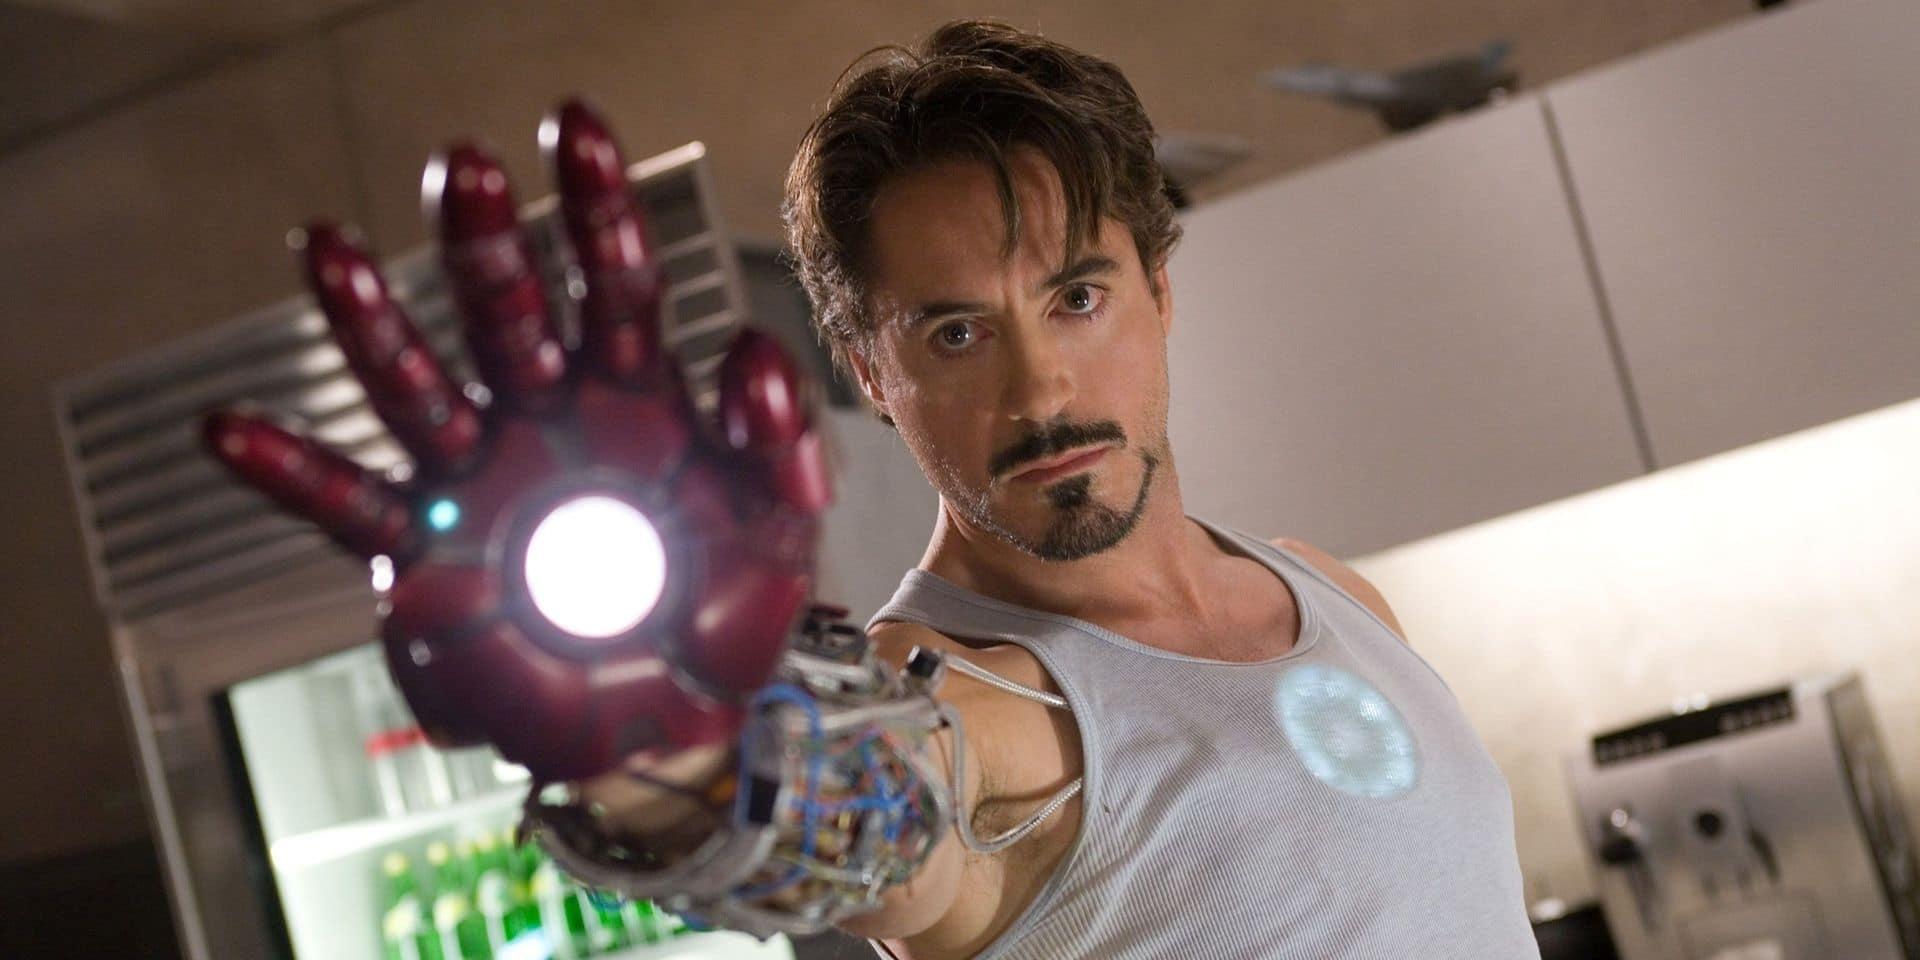 """Robert Downey Jr.: """"Jouer la comédie est le job le plus surpayé qu'on puisse imaginer"""""""